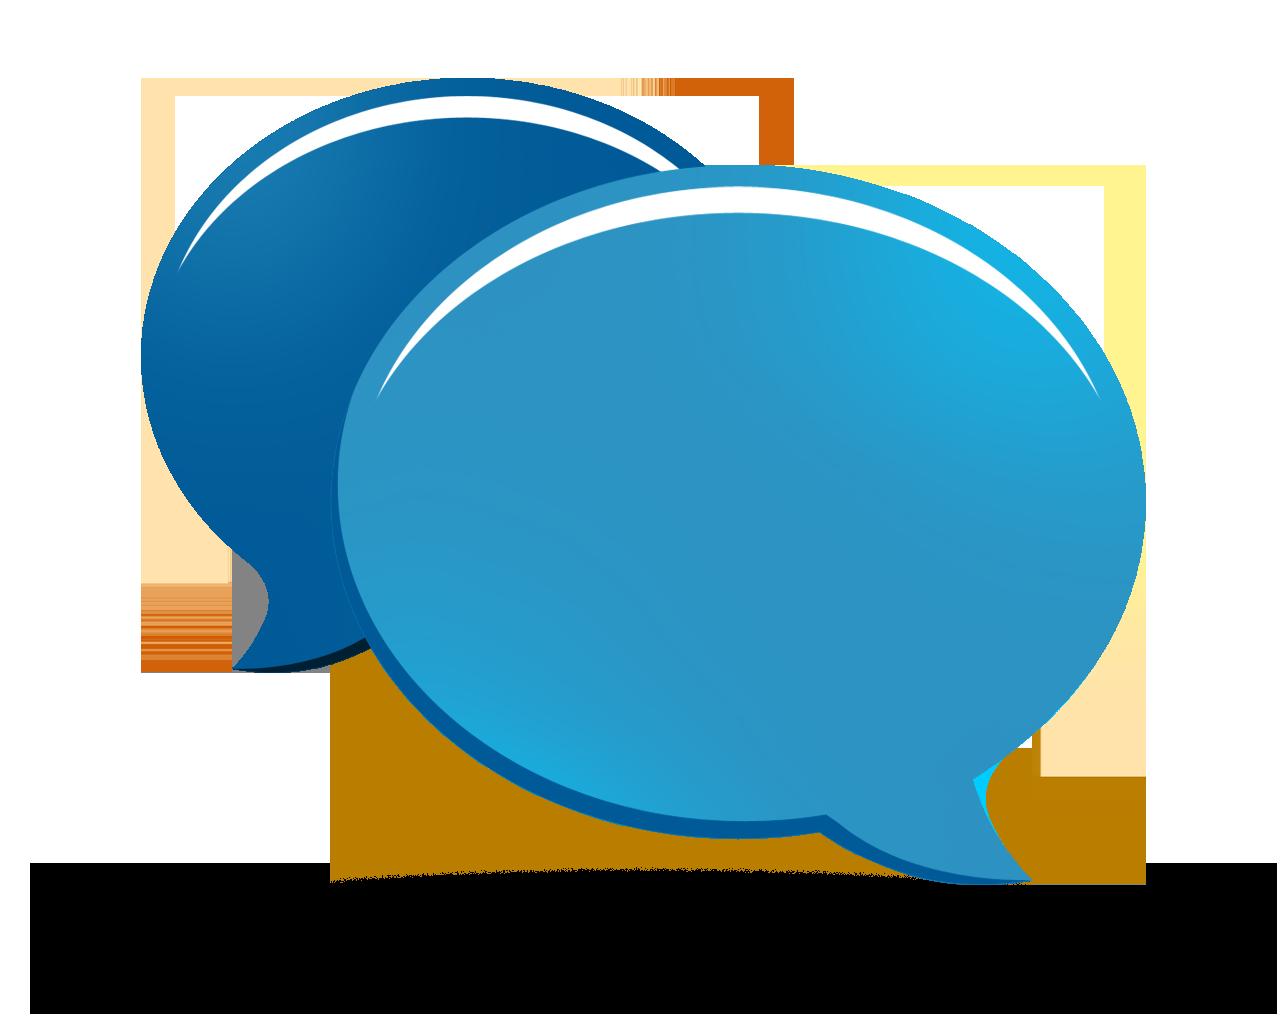 Icon . Conversation clipart transparent background